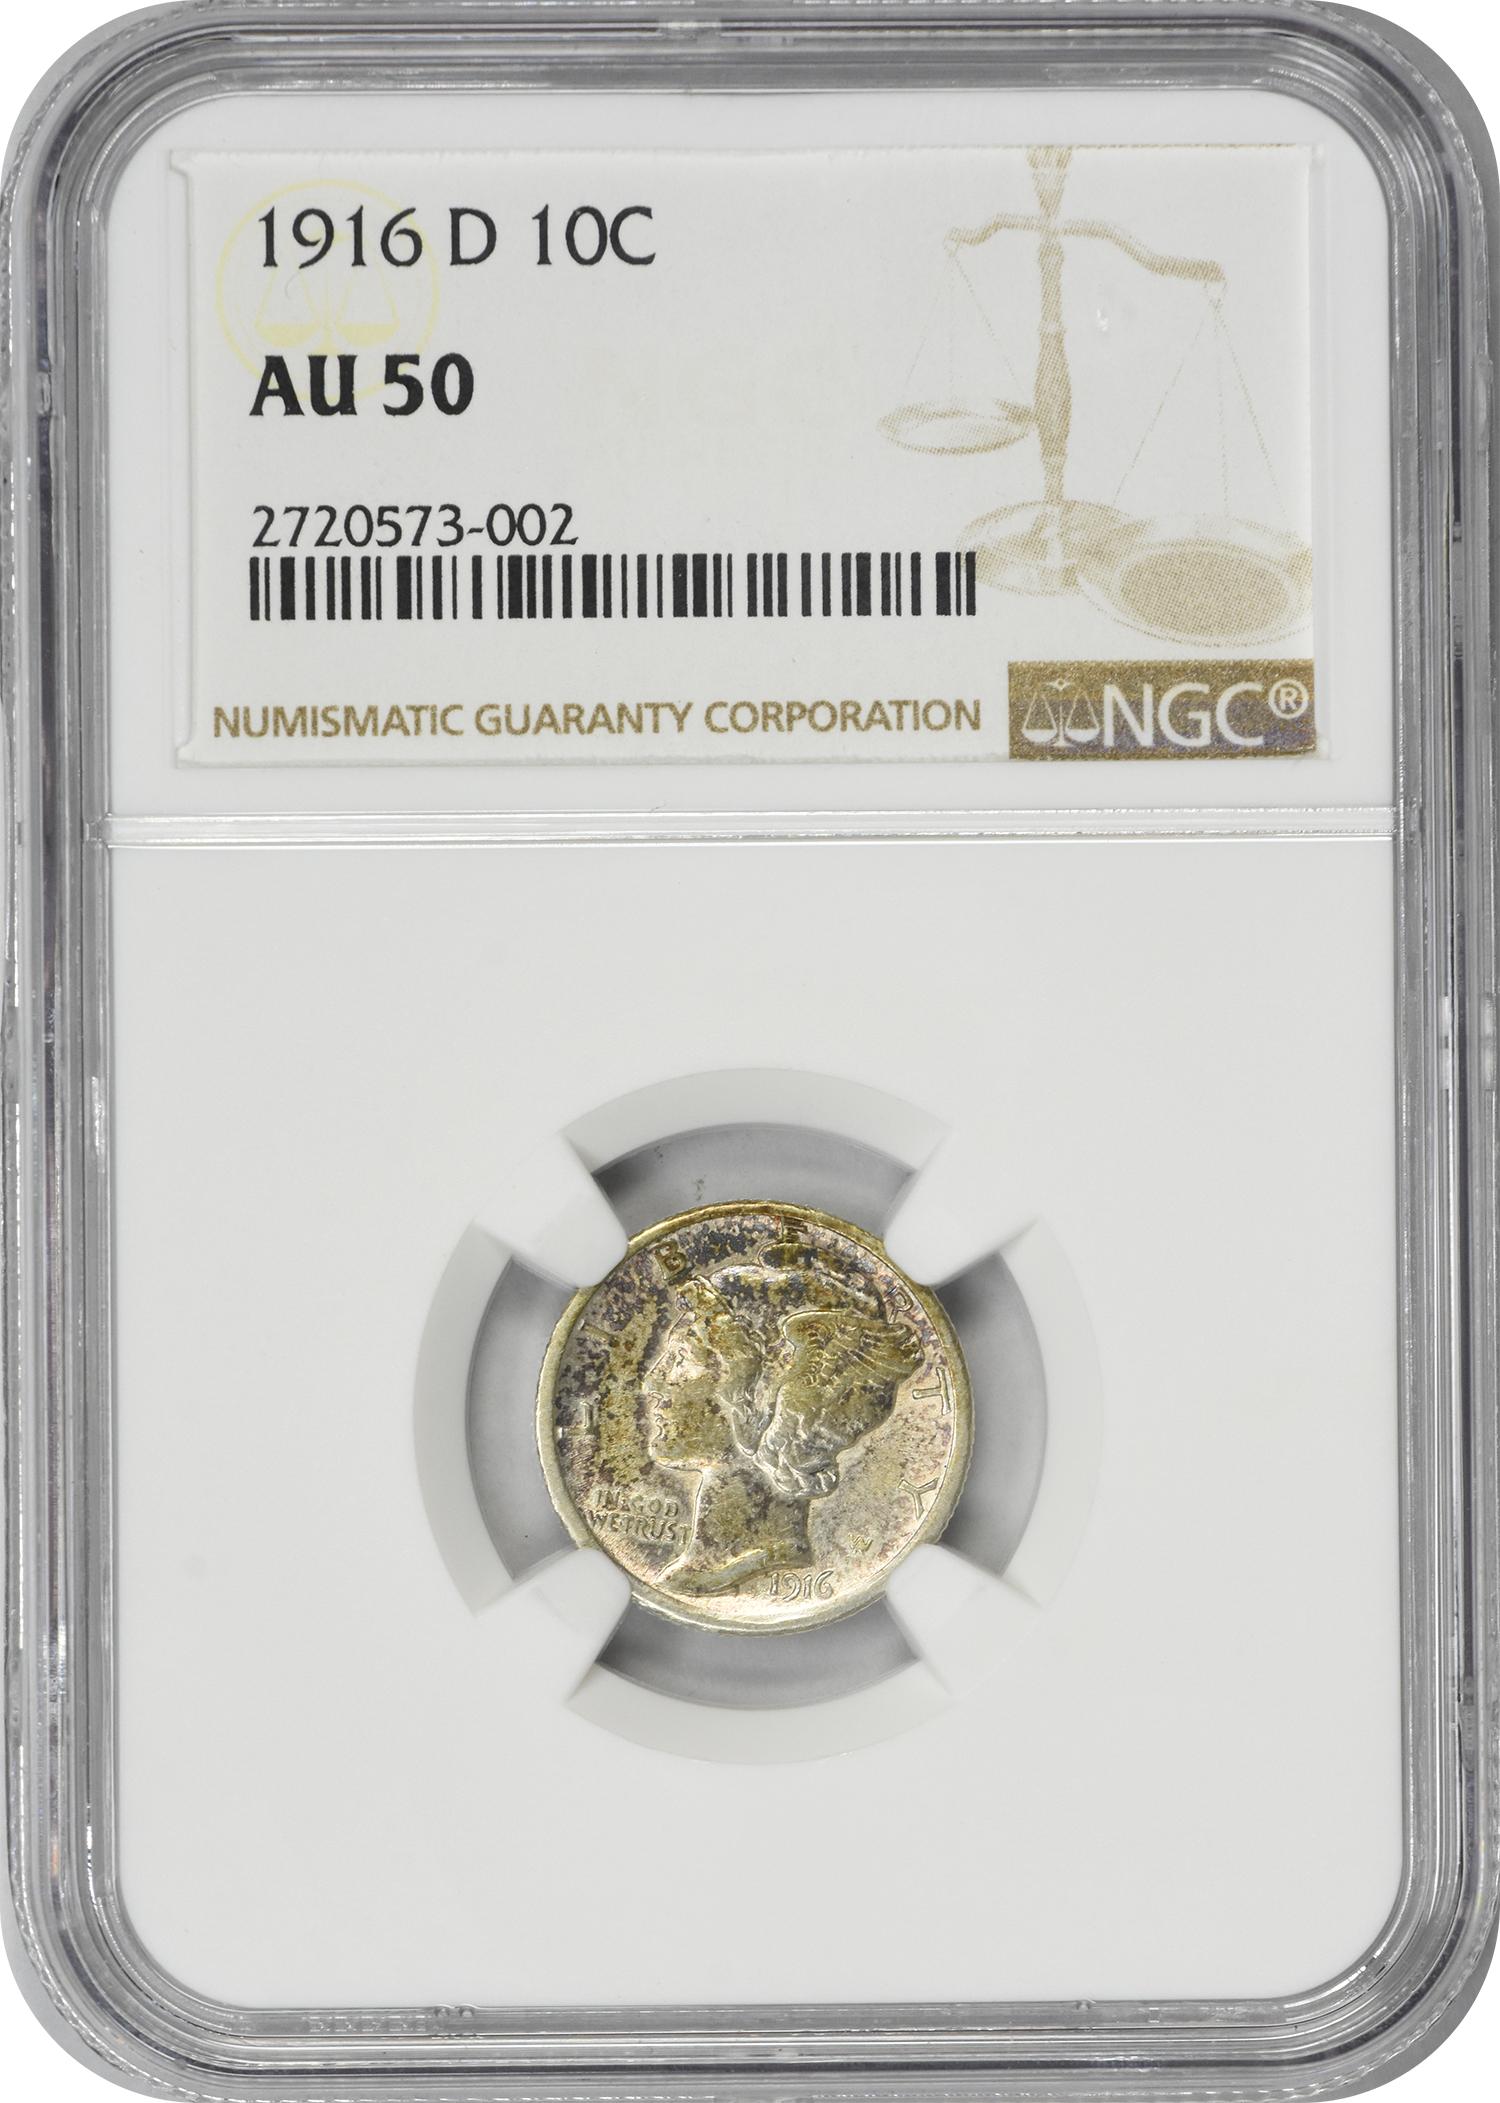 1916-D Mercury Silver Dime AU50 NGC